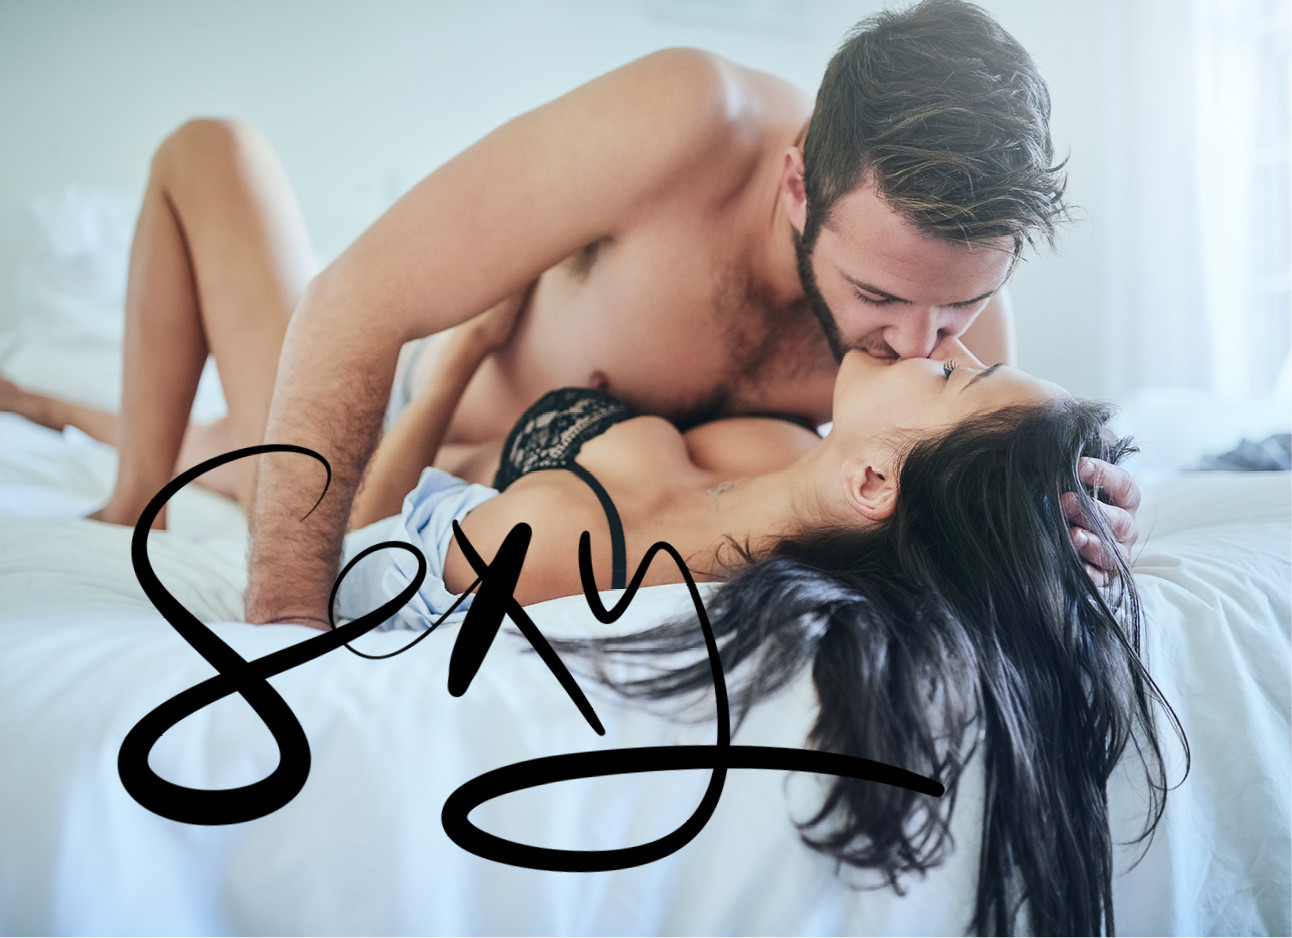 vrouw en man zoenend op bed met bh aan